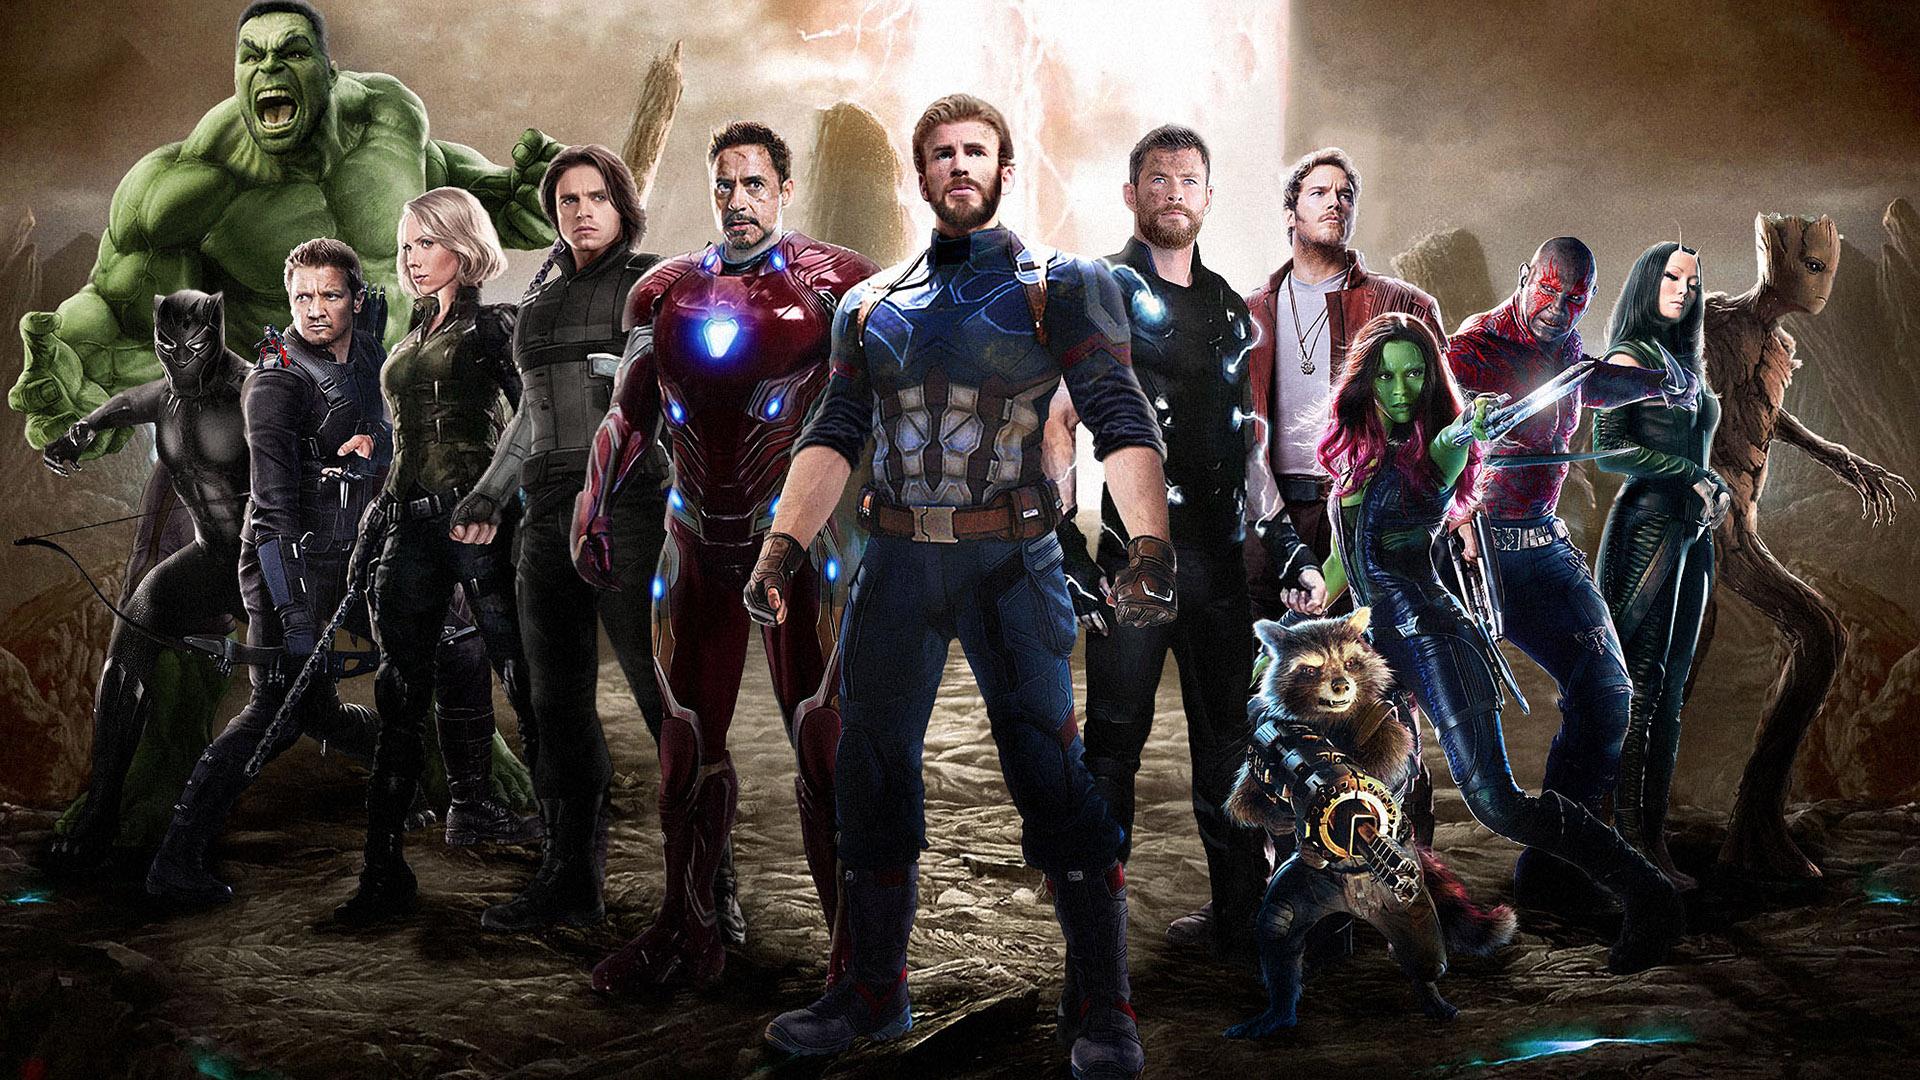 #经典看电影#原创电影解说:动作、科幻、冒险《复仇者联盟3:无限战争》